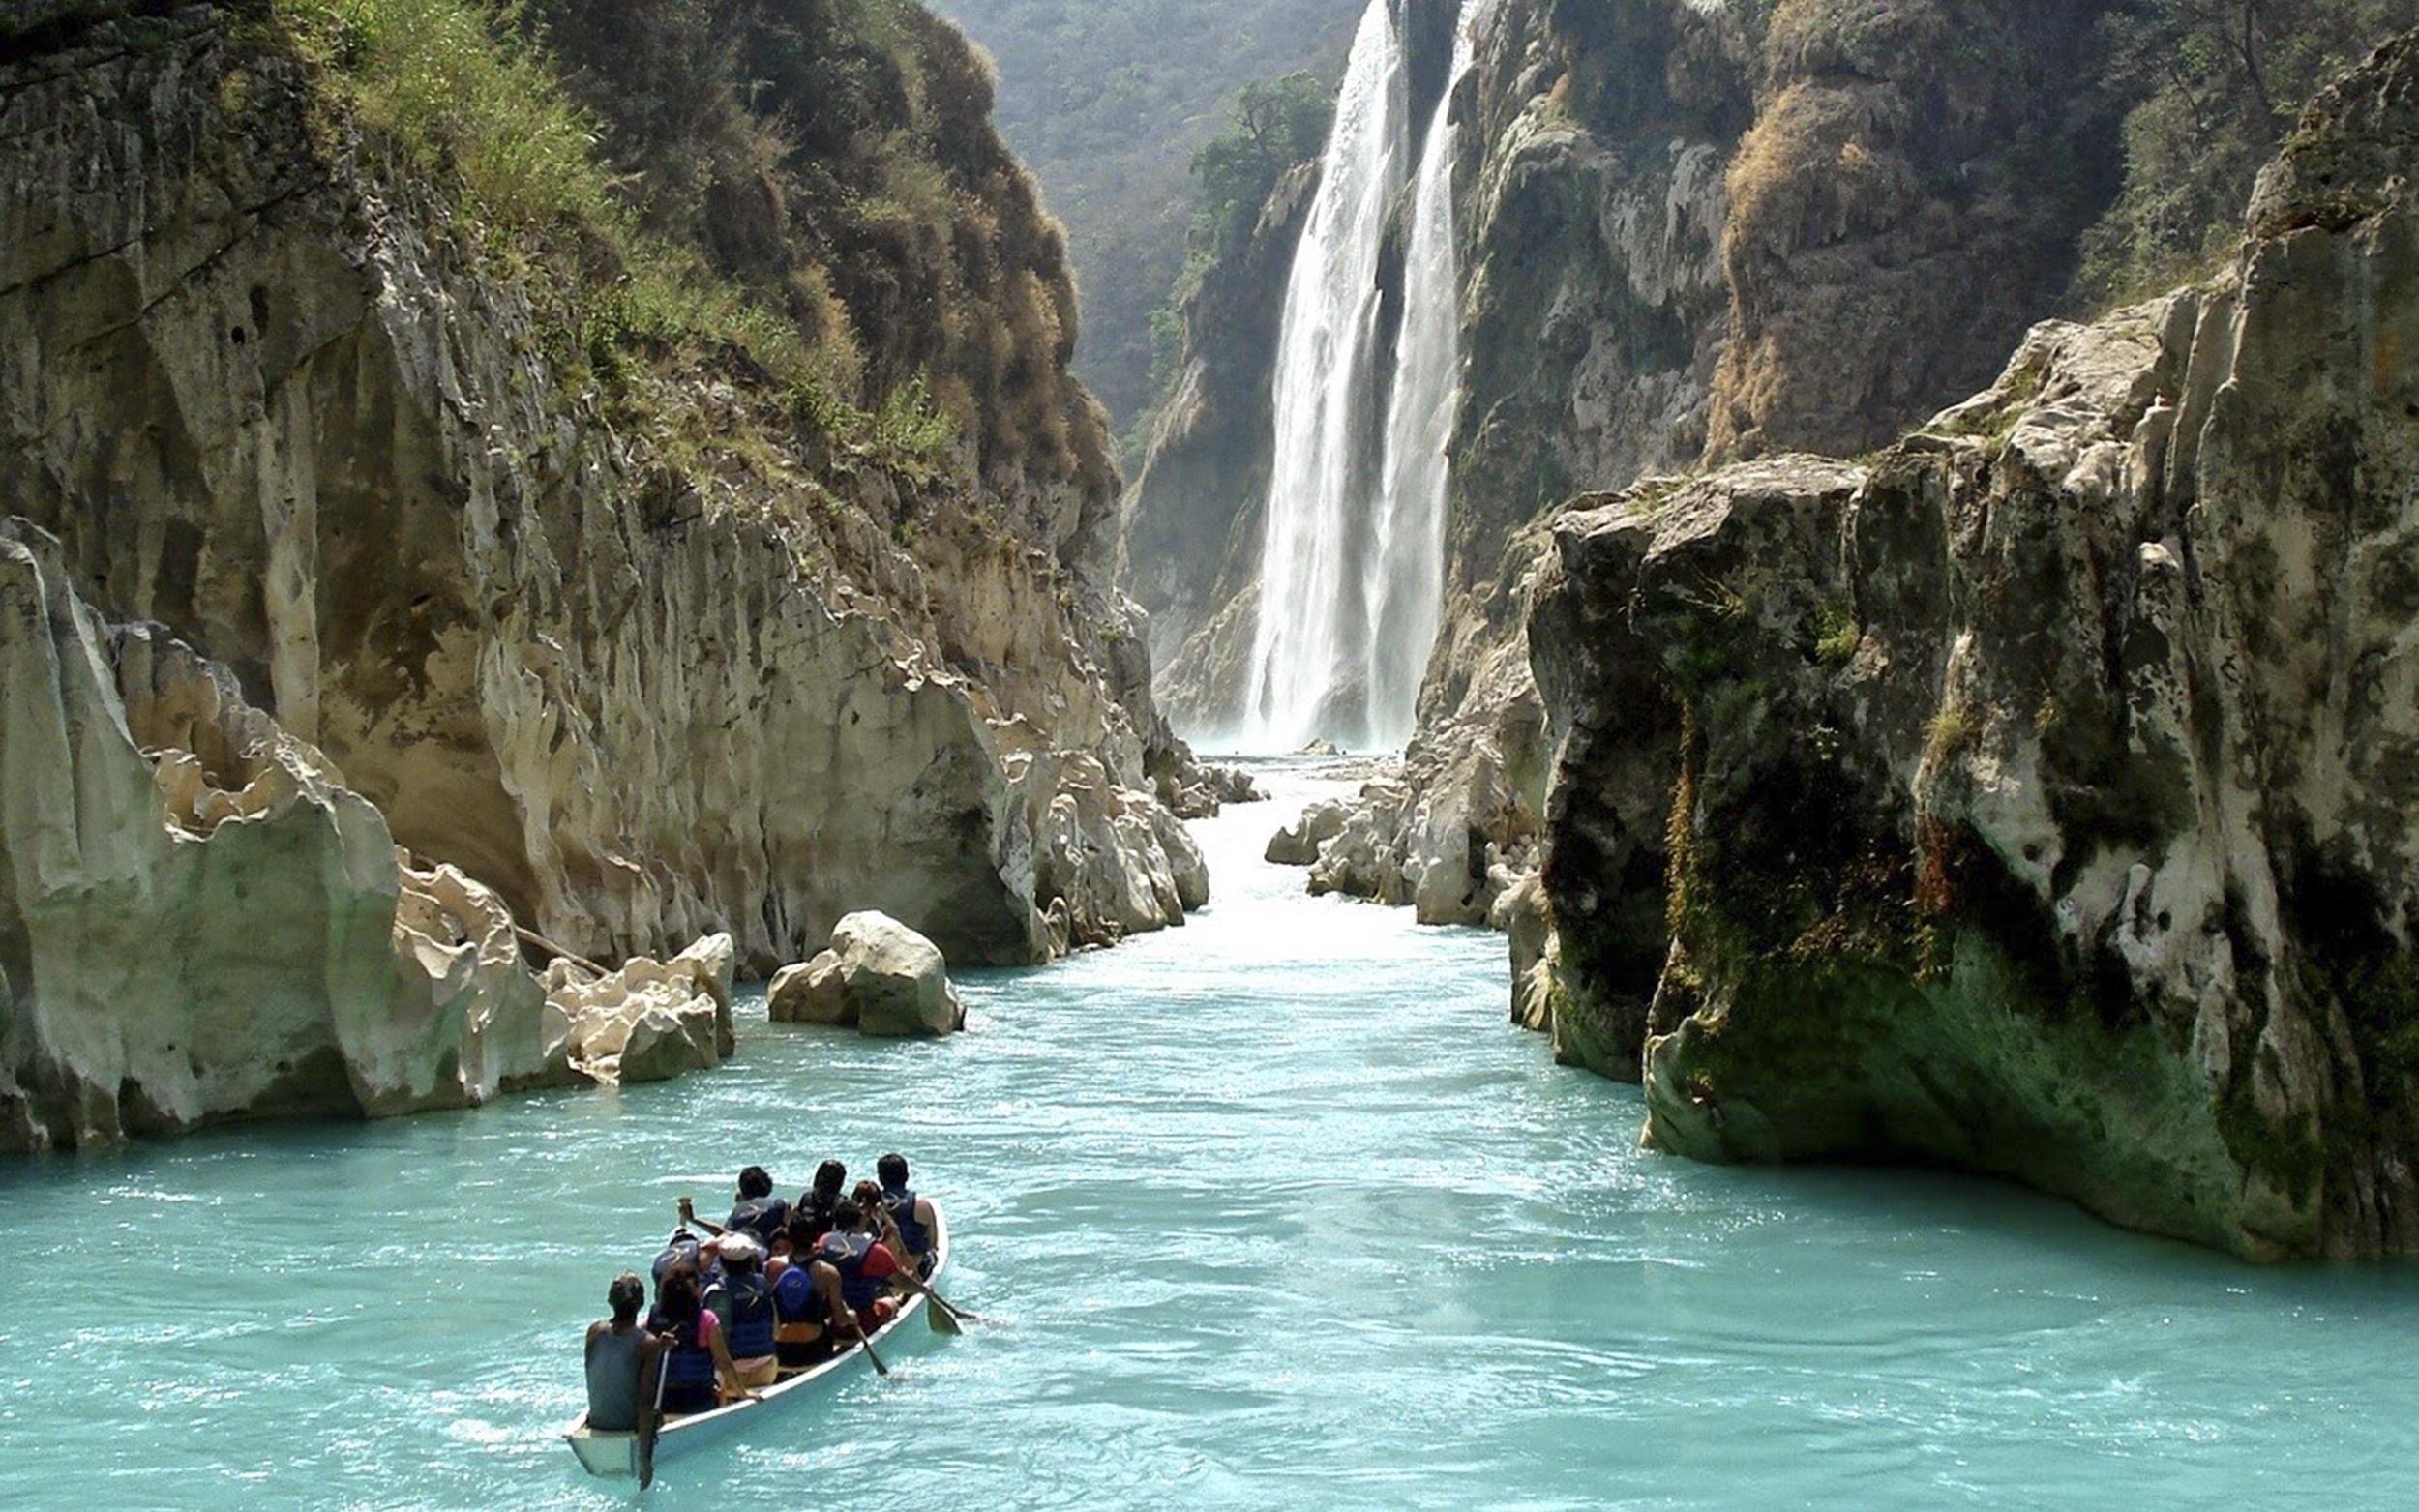 Los atractivos naturales más espectaculares de Chiapas